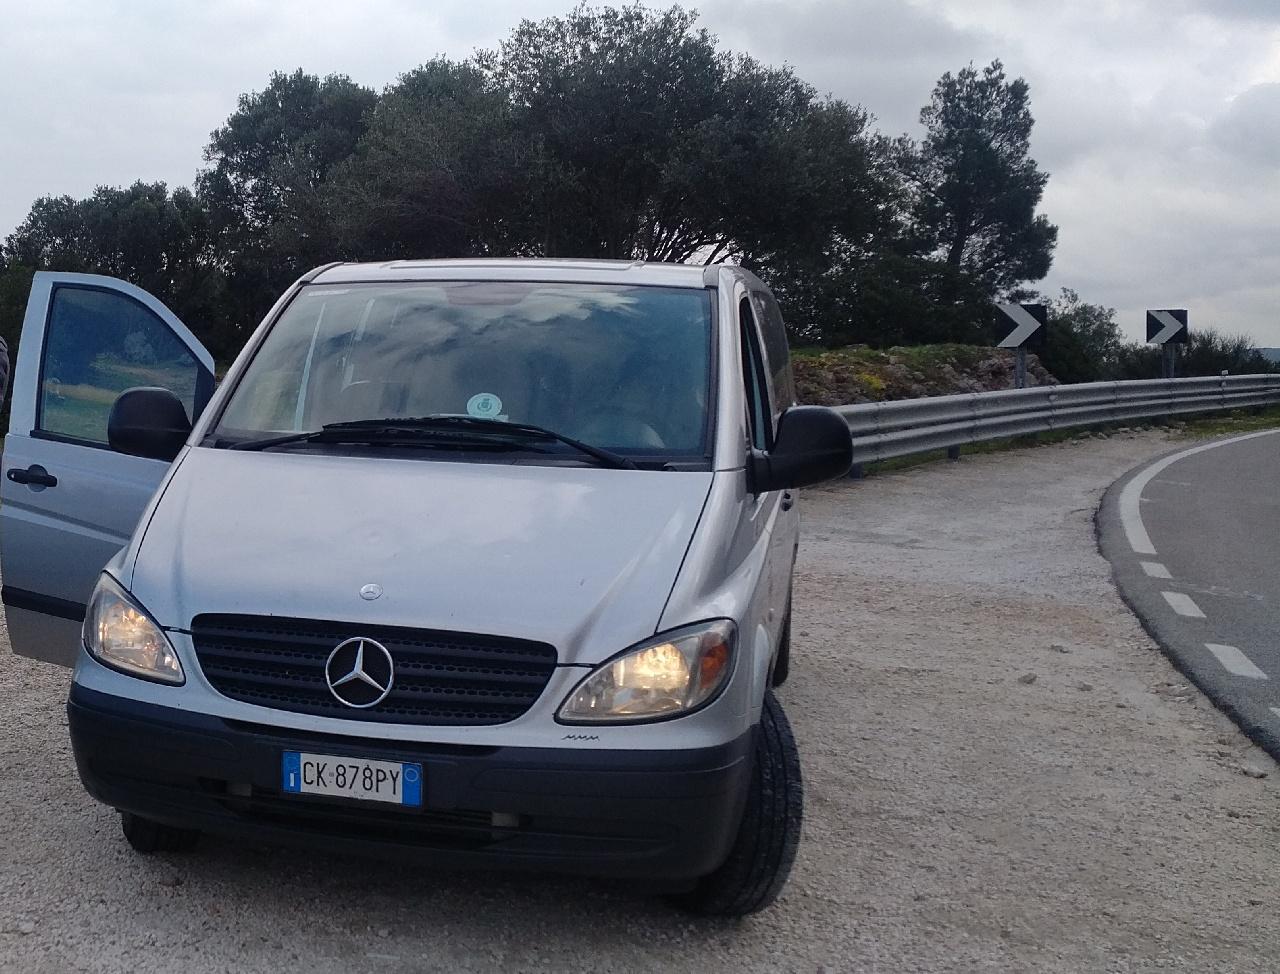 Taxibus - Polignano a Mare